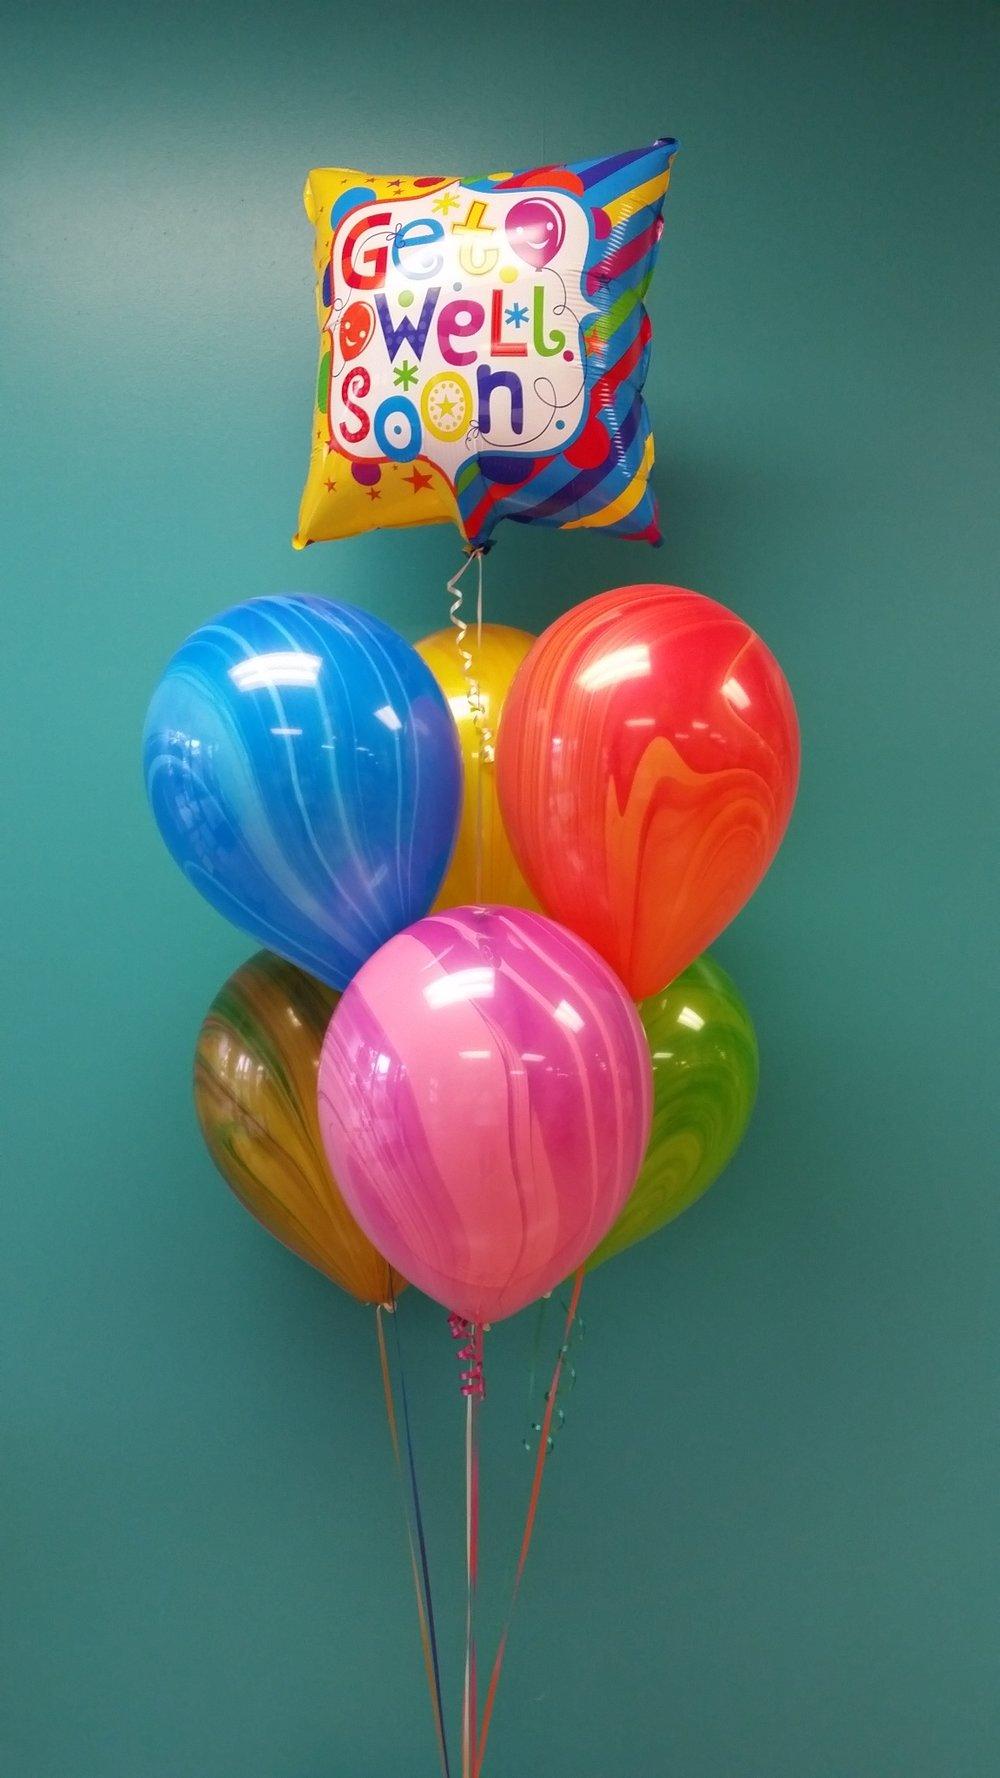 Get well balloon bouquet.jpg